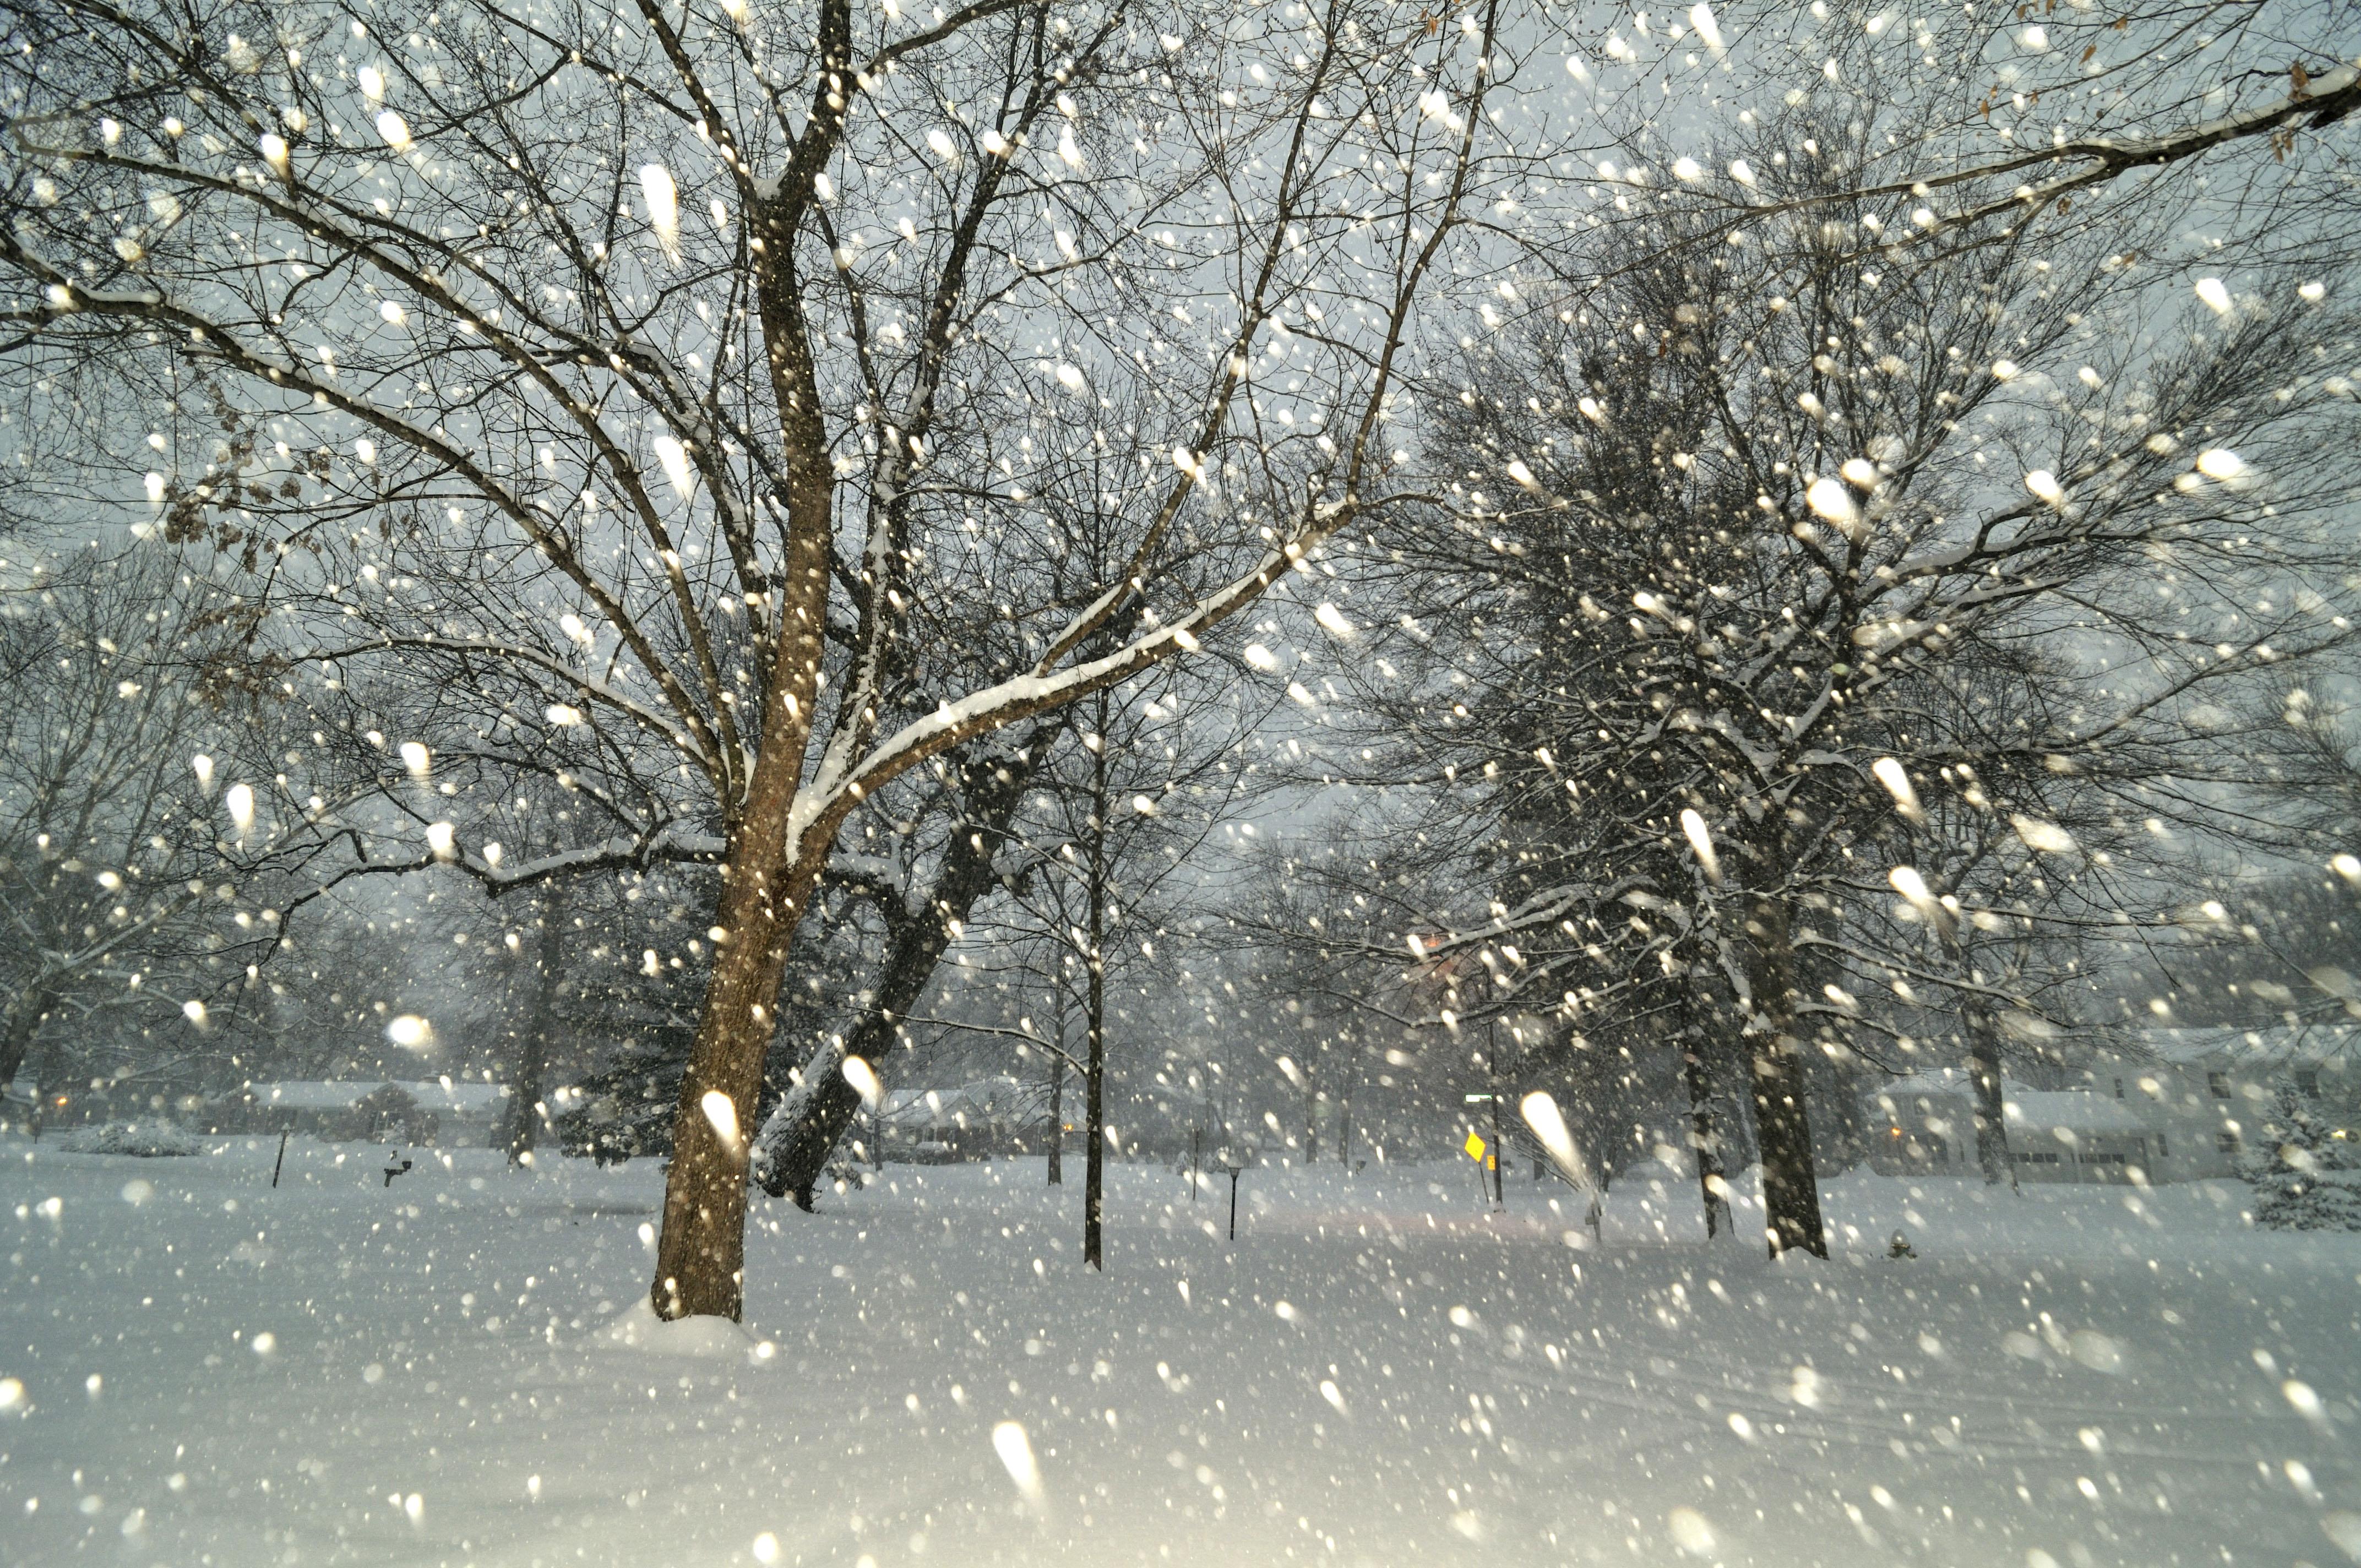 тихо падает снег картинки вариантом вечернего